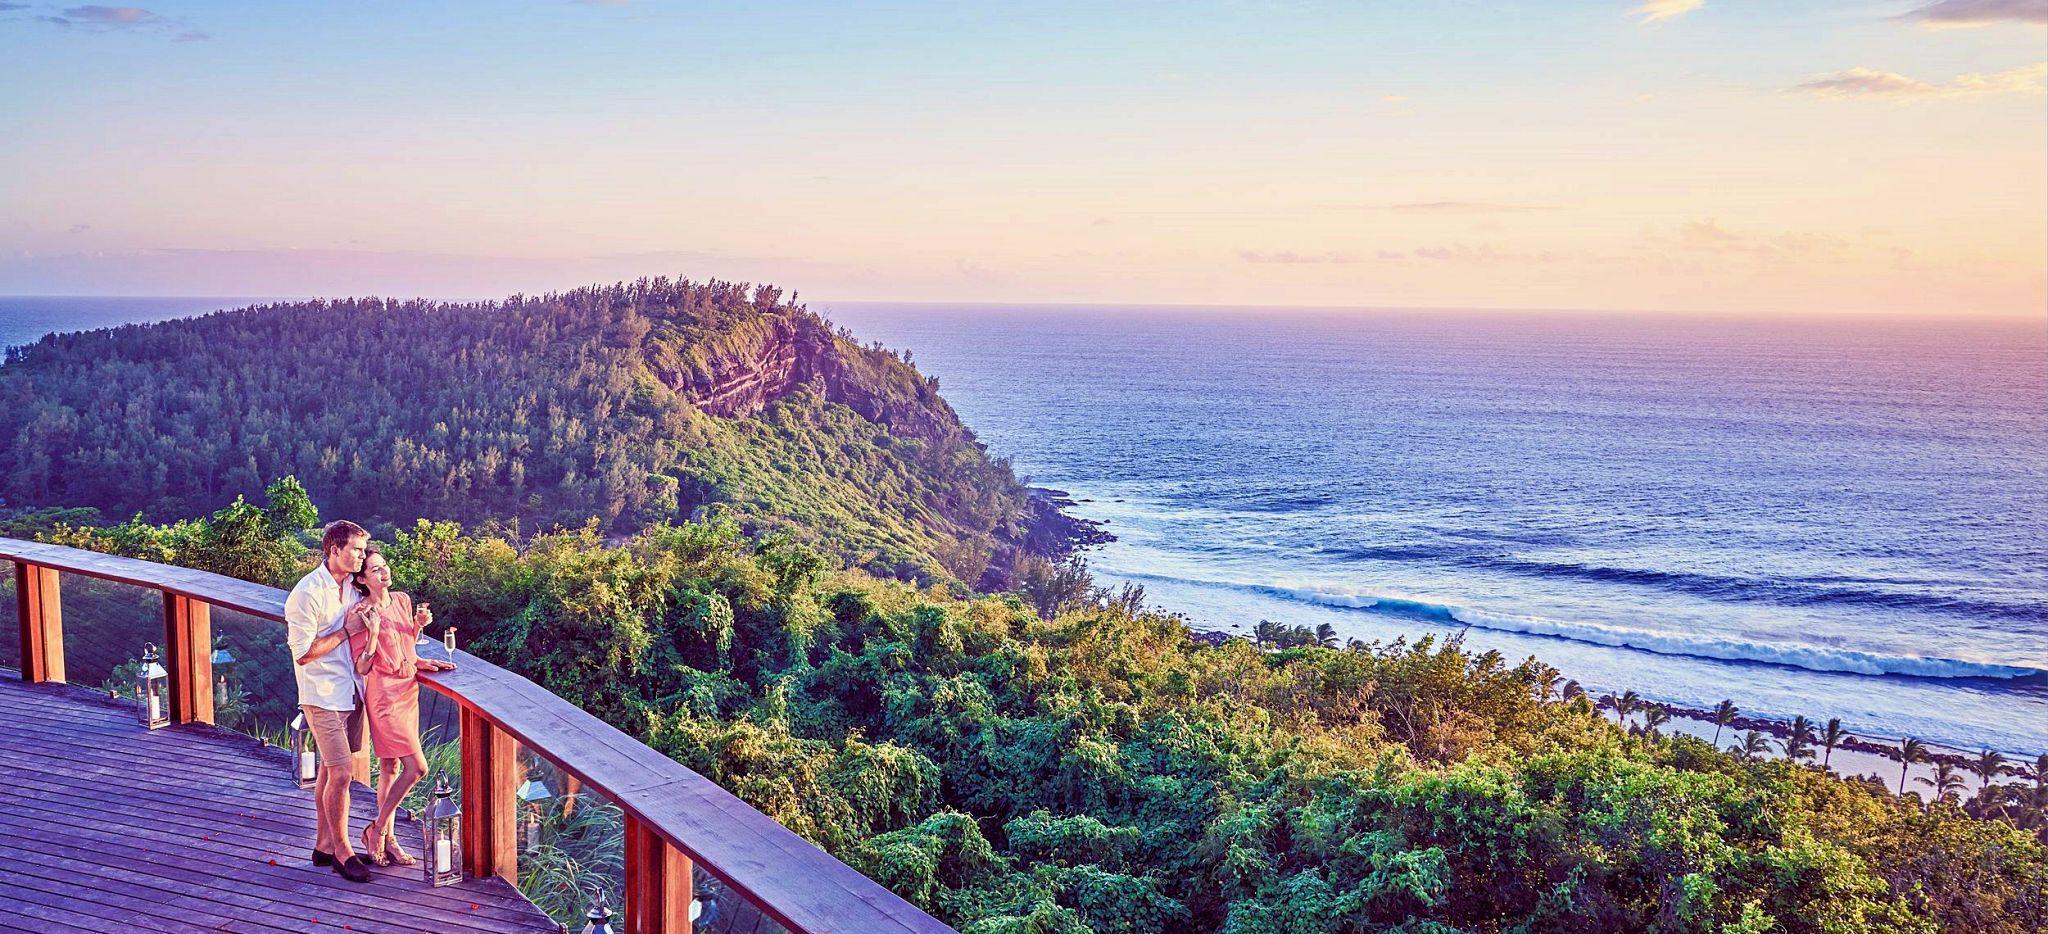 Ein paar steht an einer Veranda mit Blick auf das Meer auf La Réunion